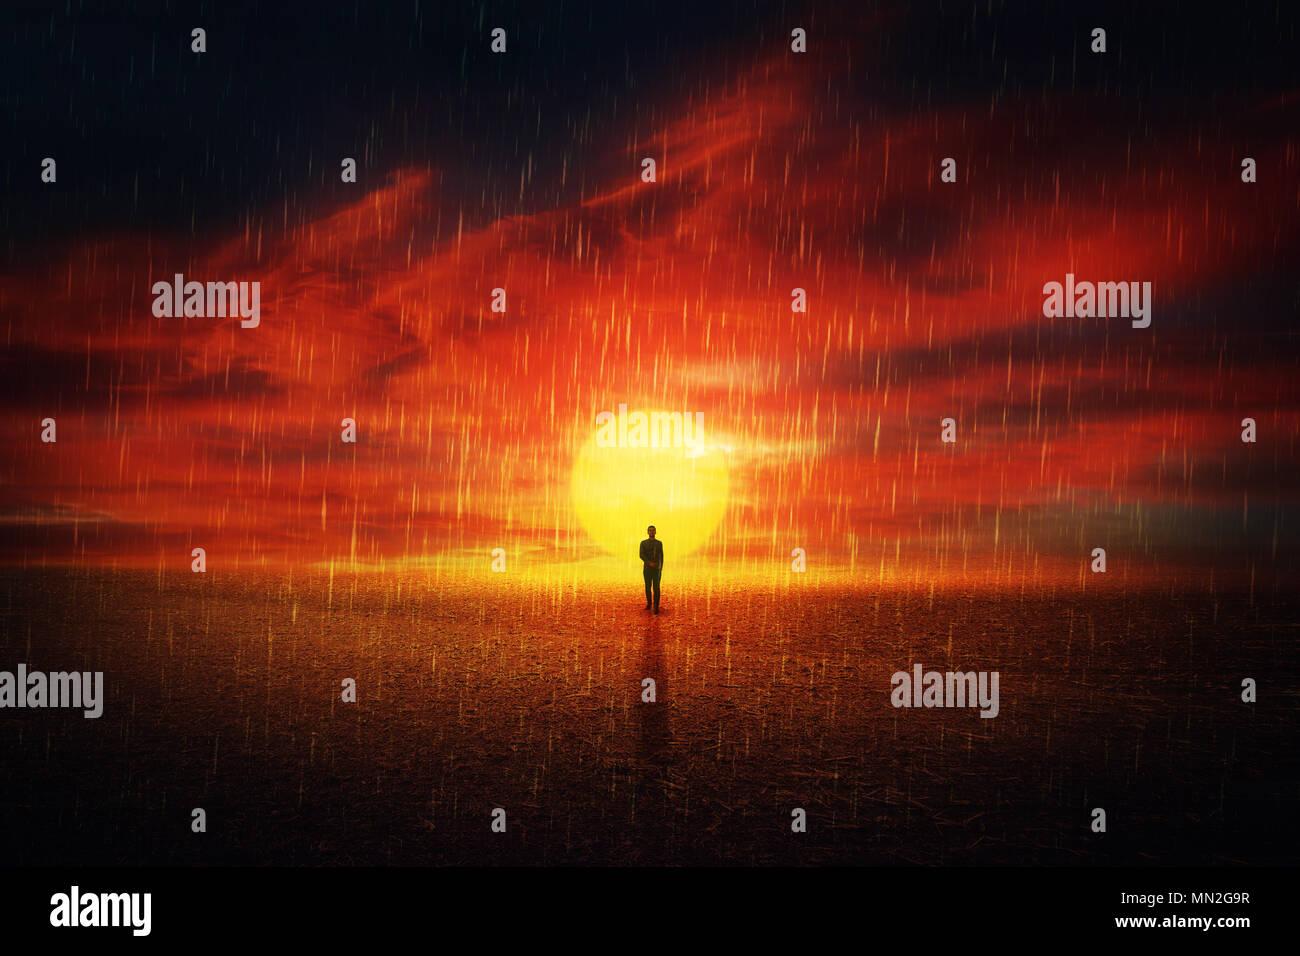 Futuristische Landschaft als Mann Silhouette zu Fuß auf einer trockenen Wüste Boden über Sonnenuntergang Hintergrund und den sauren Regen vom Himmel fallen. Globale pollu Stockbild